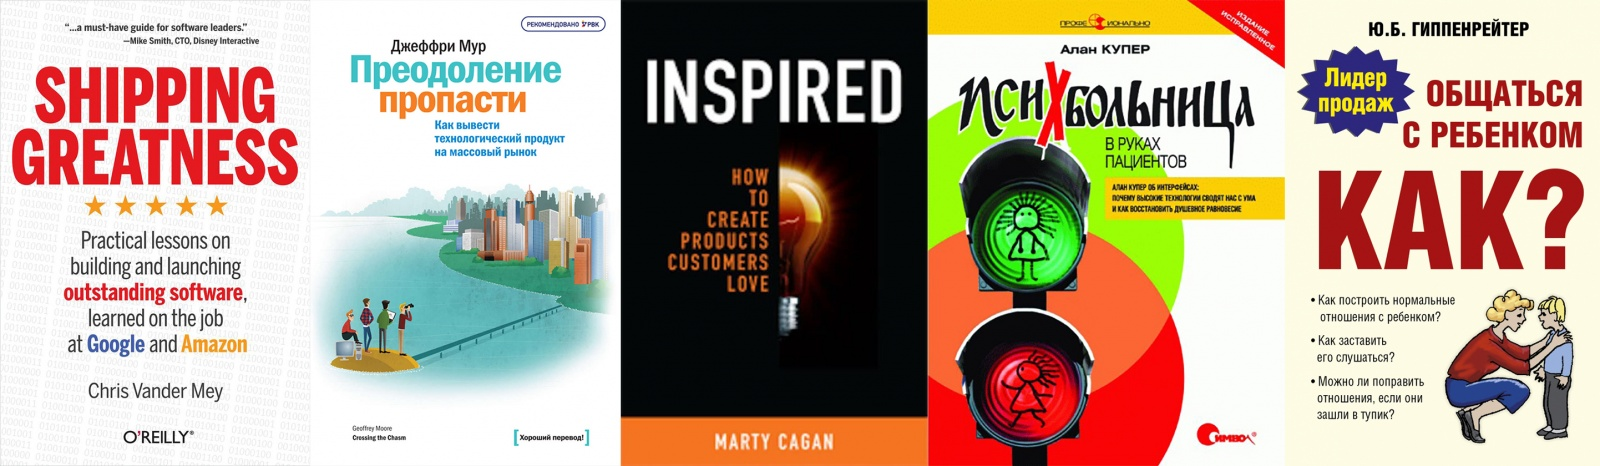 20 лучших книг для продакт- и проджект-менеджеров - 1